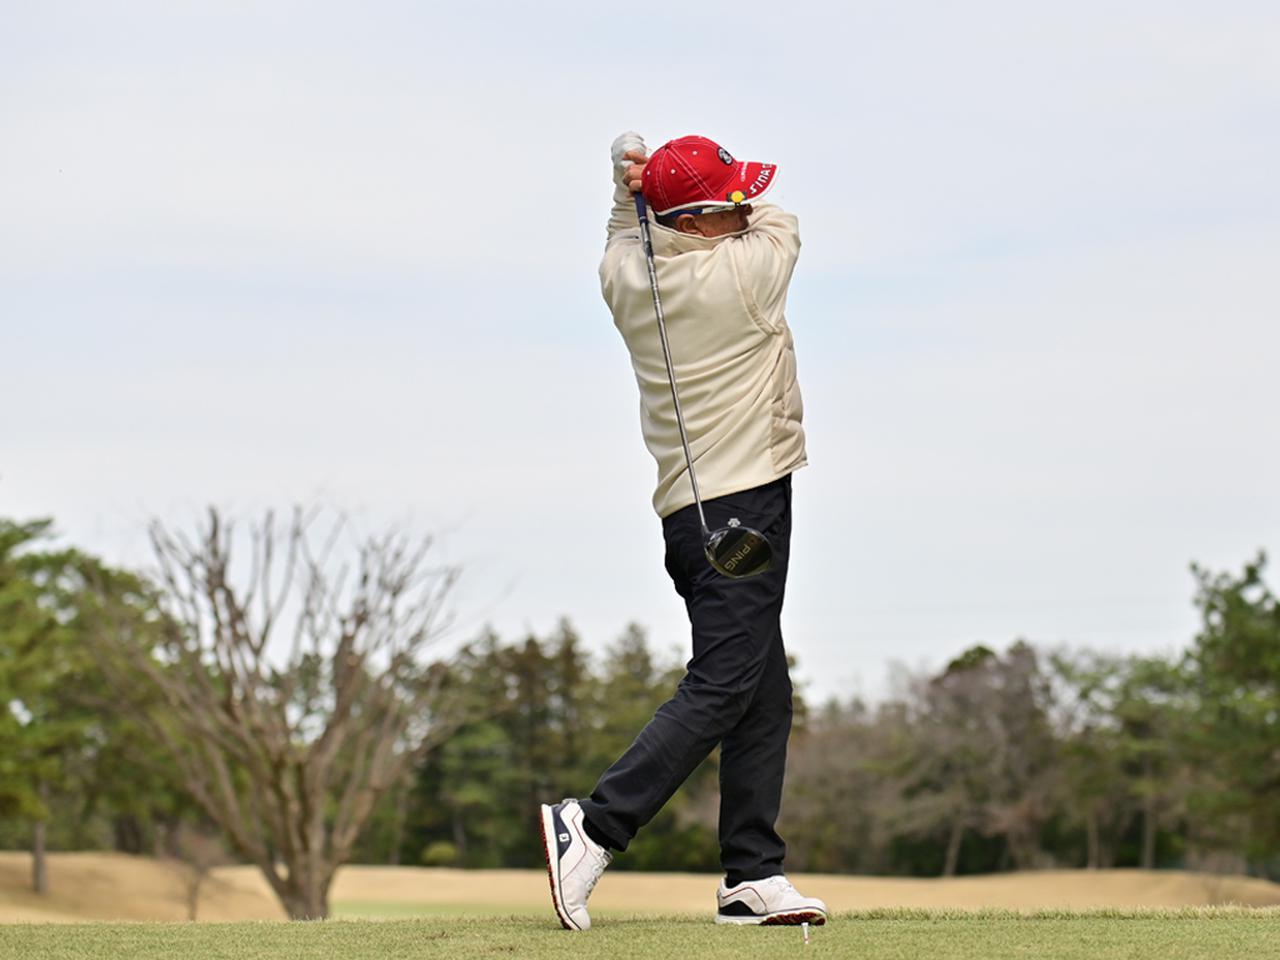 画像15: 【ティショット】真っすぐ打とうとするからミスがなくならない! ゴルフは曲げるが勝ち!